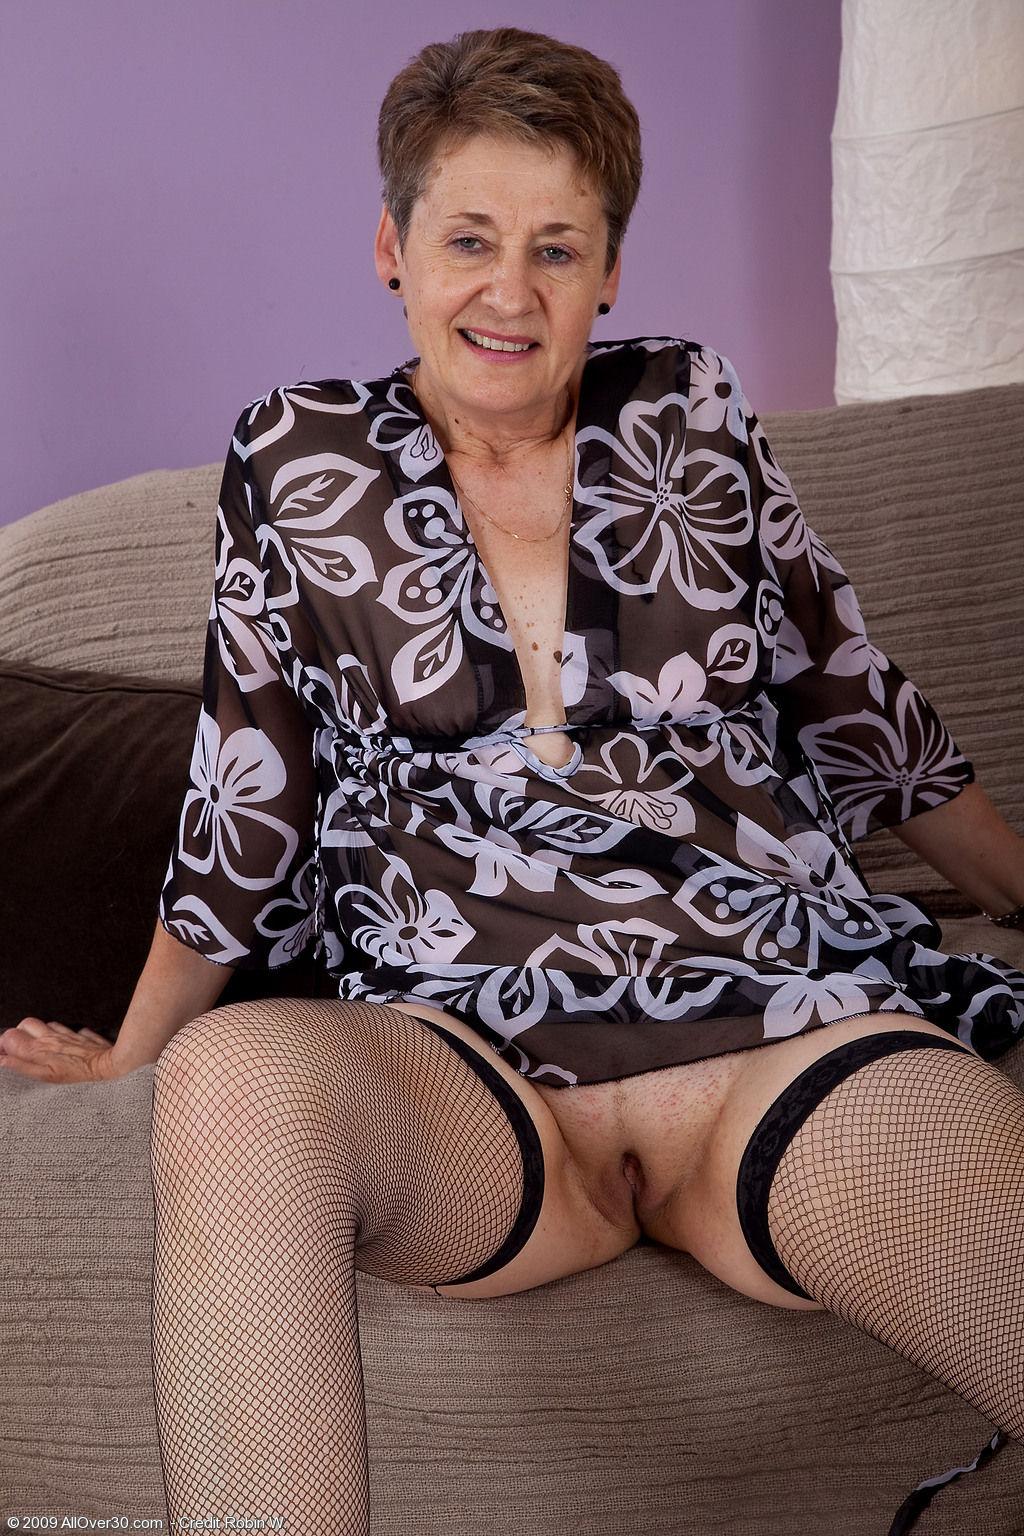 Старые женщины в трусах фото 417-2